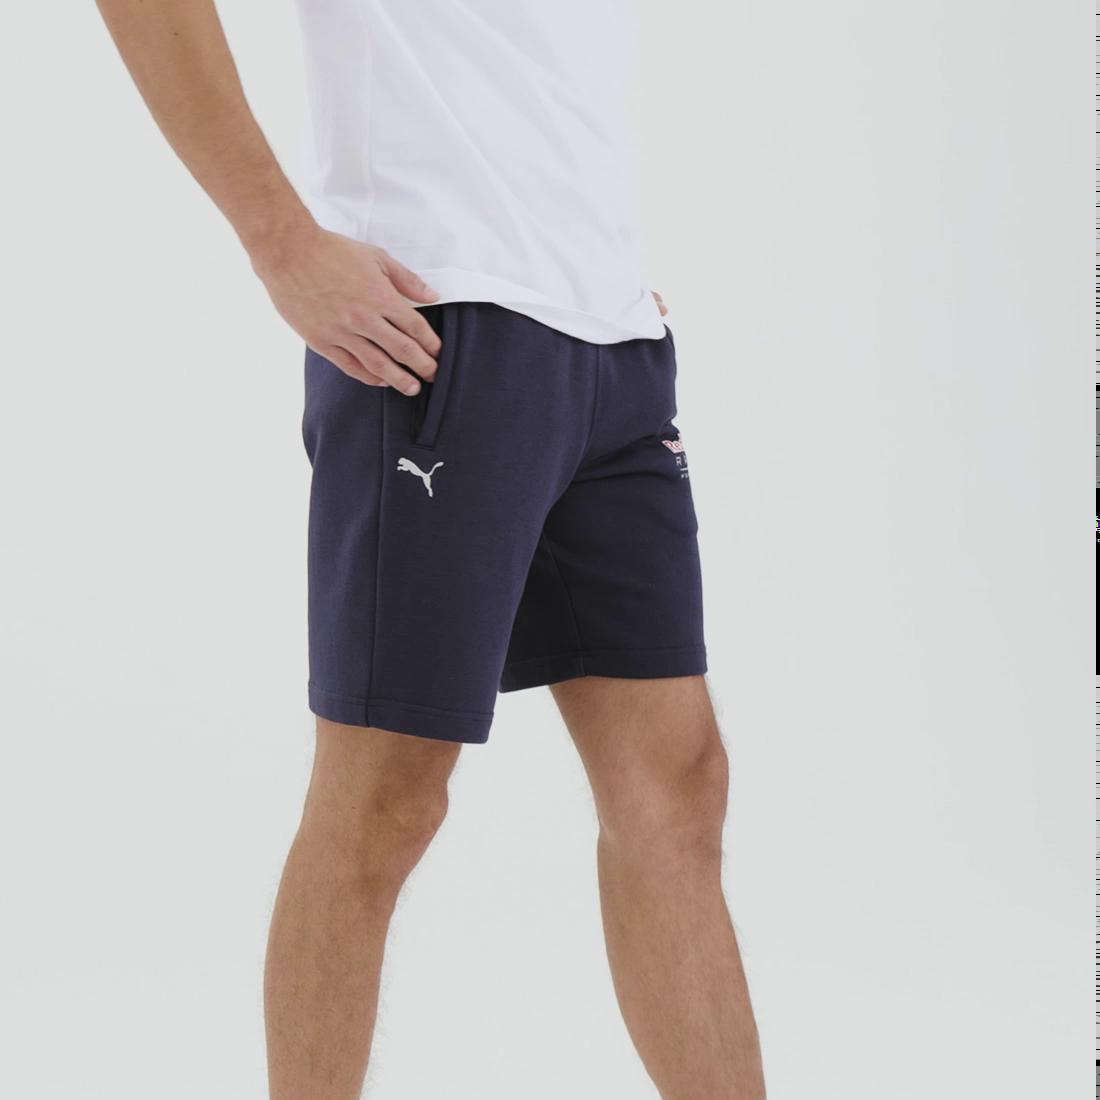 Image PUMA Shorts RBR Sweat Masculino #6